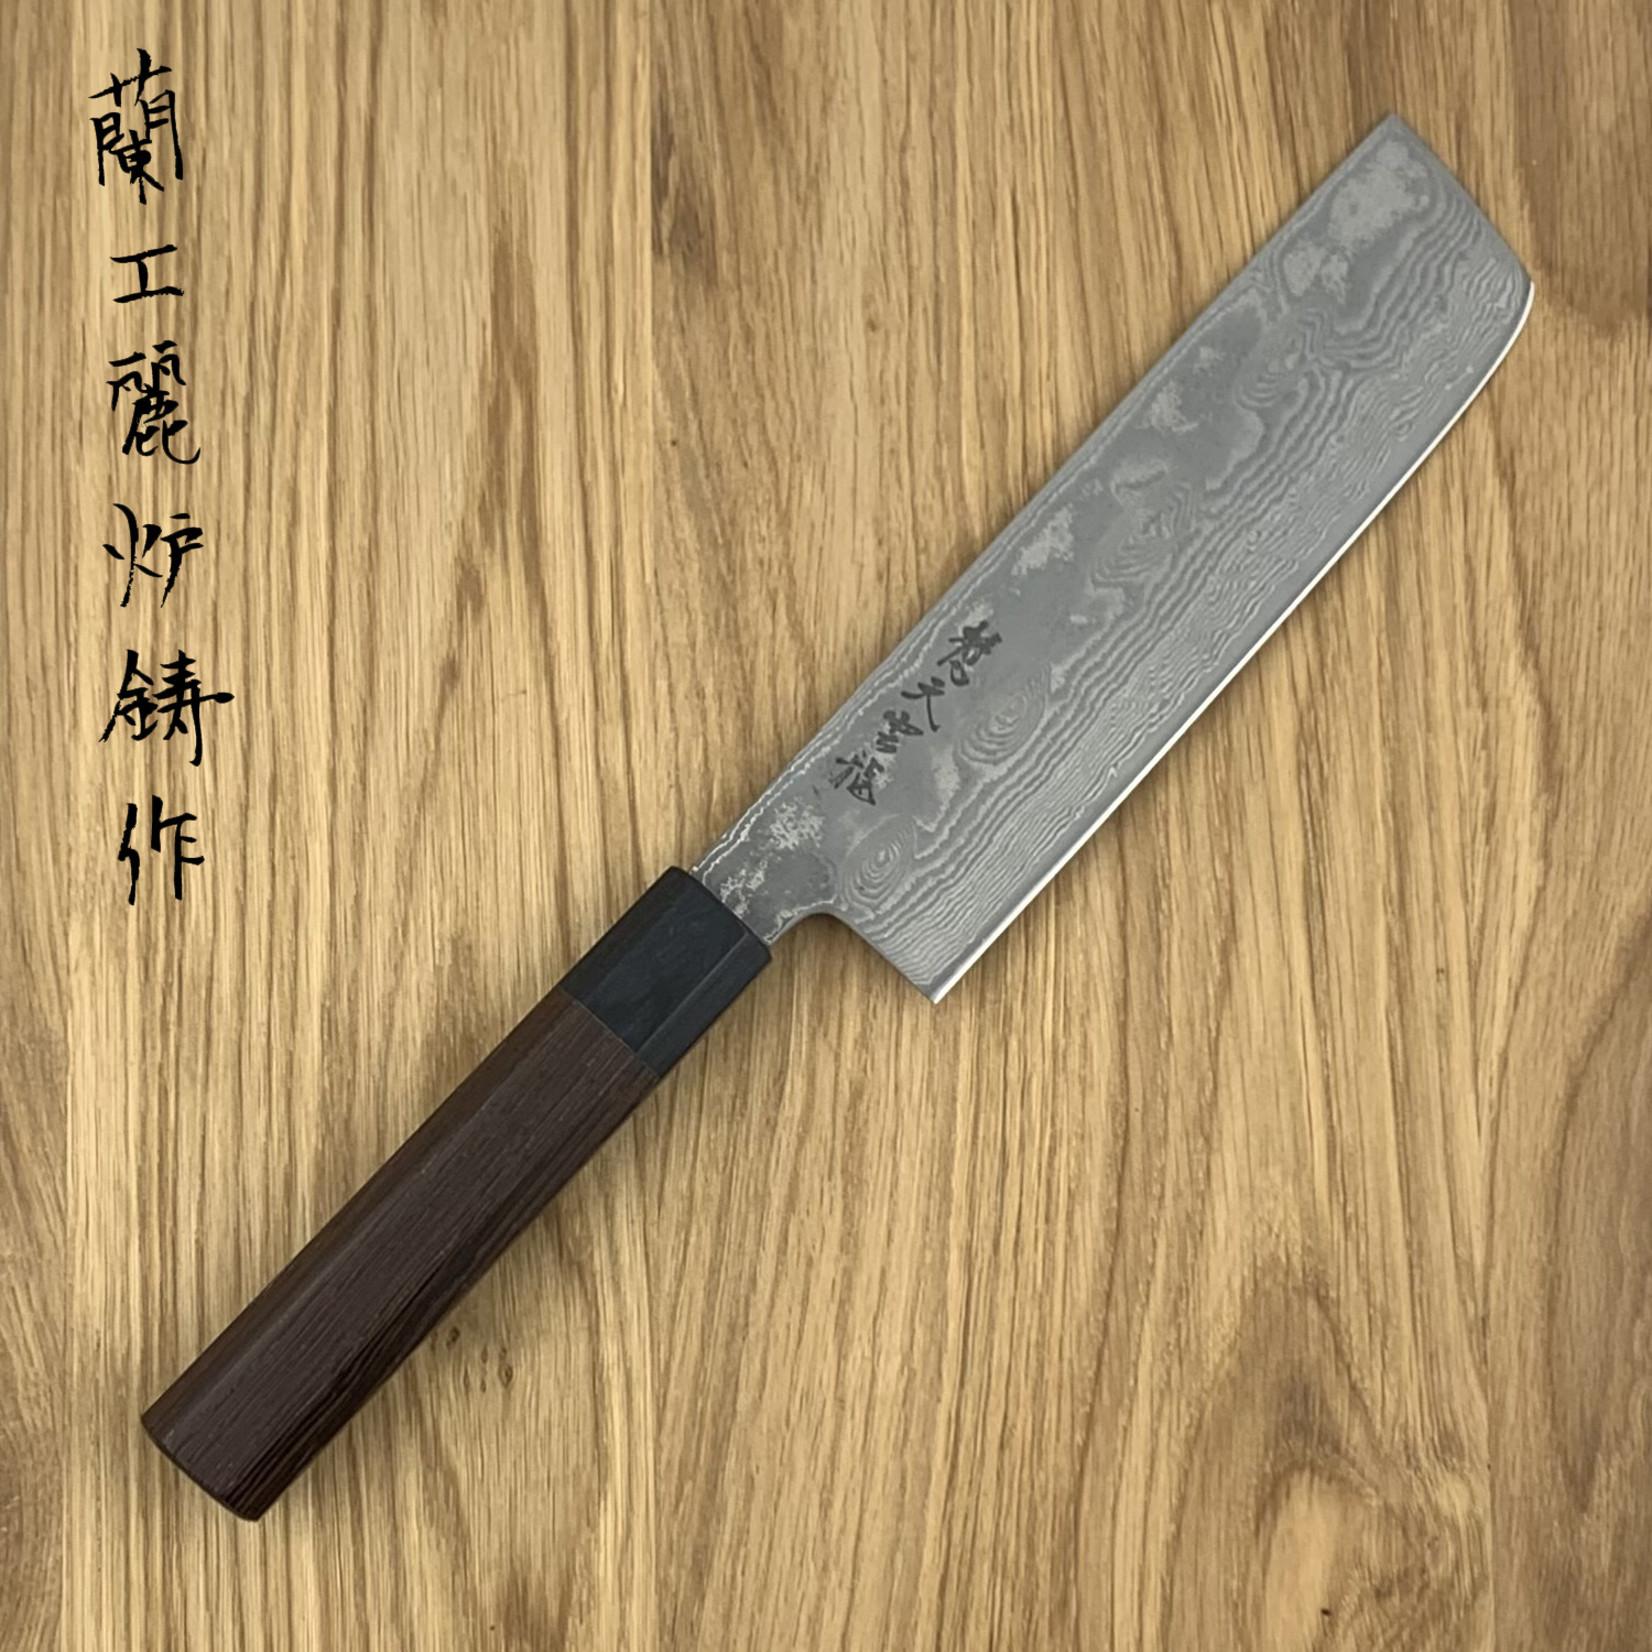 RYUSEN Bonten  Unryu WA handle nakiri 180 mm BU-308